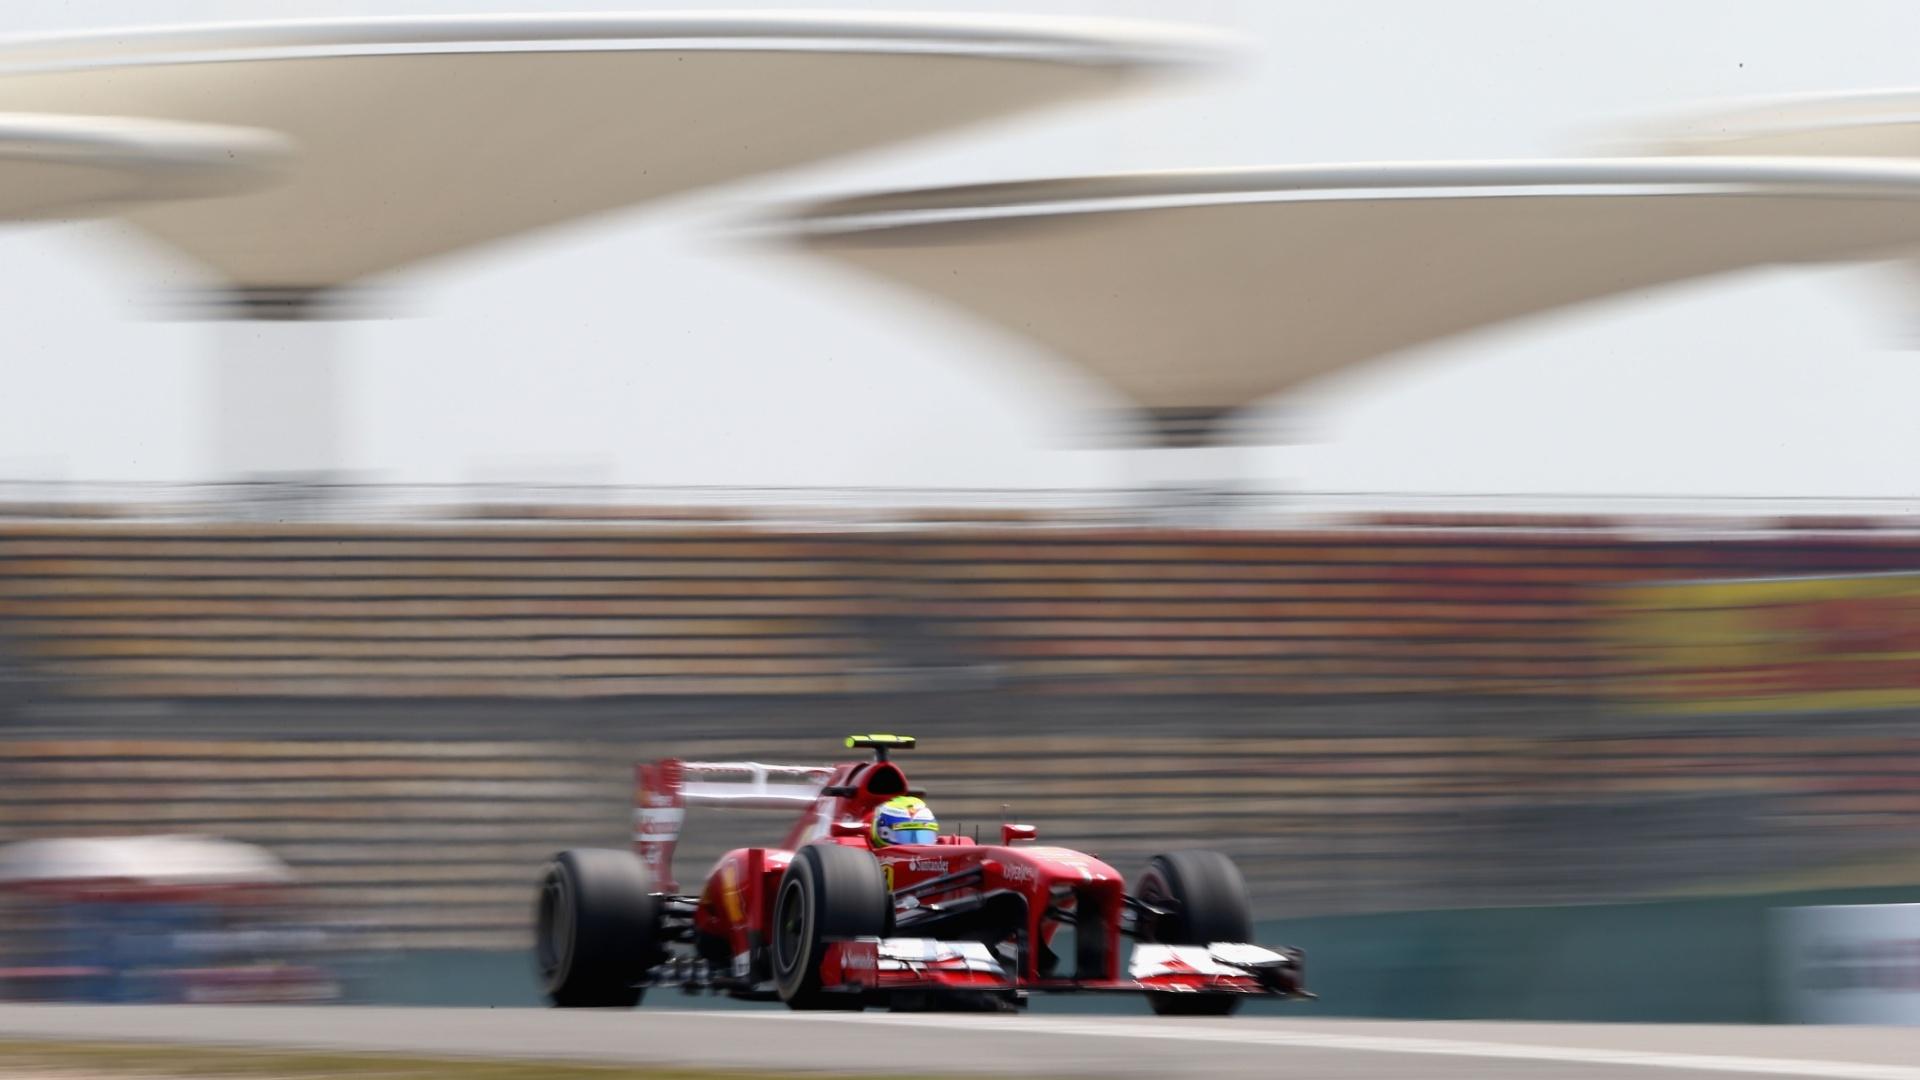 12.abr.2013 - Felipe Massa acelera sua Ferrari pelo circuito de Xangai nos treinos livres para o GP da China